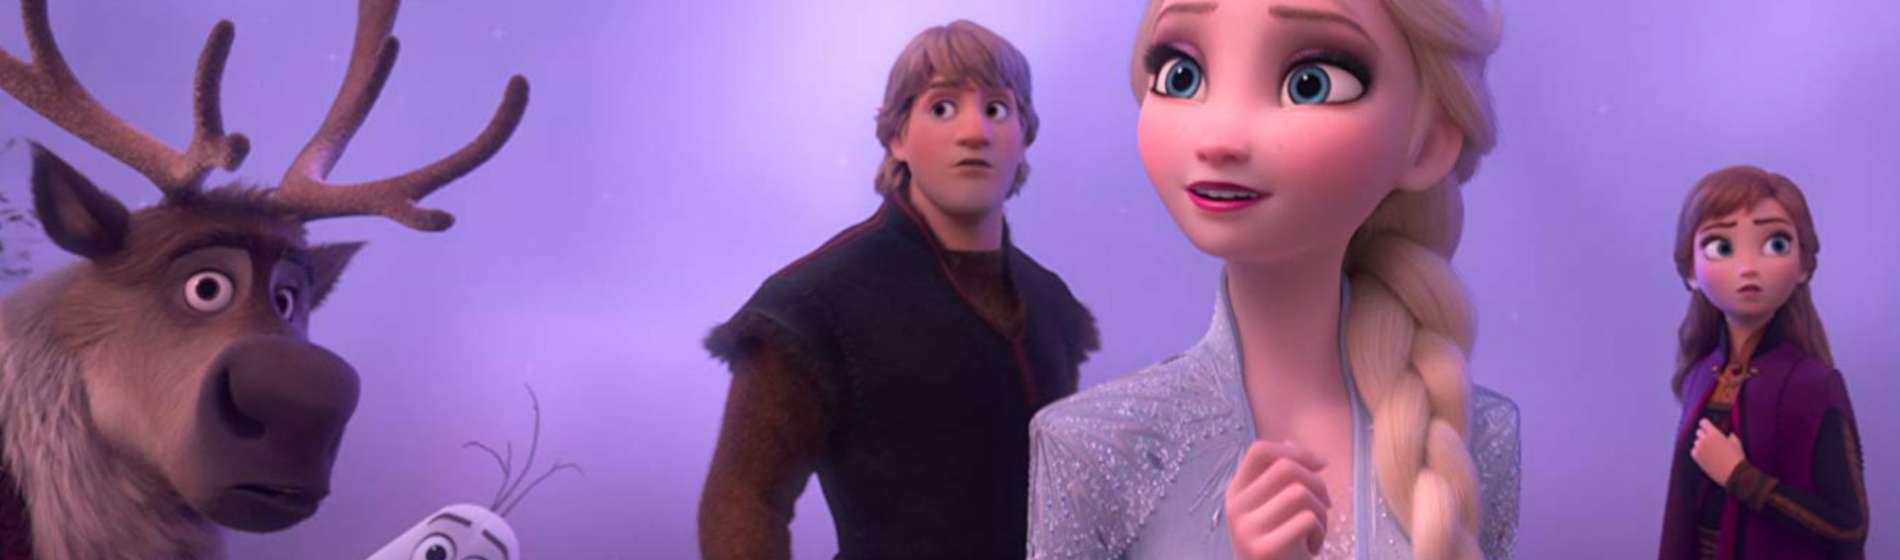 frozen-2-feature-image